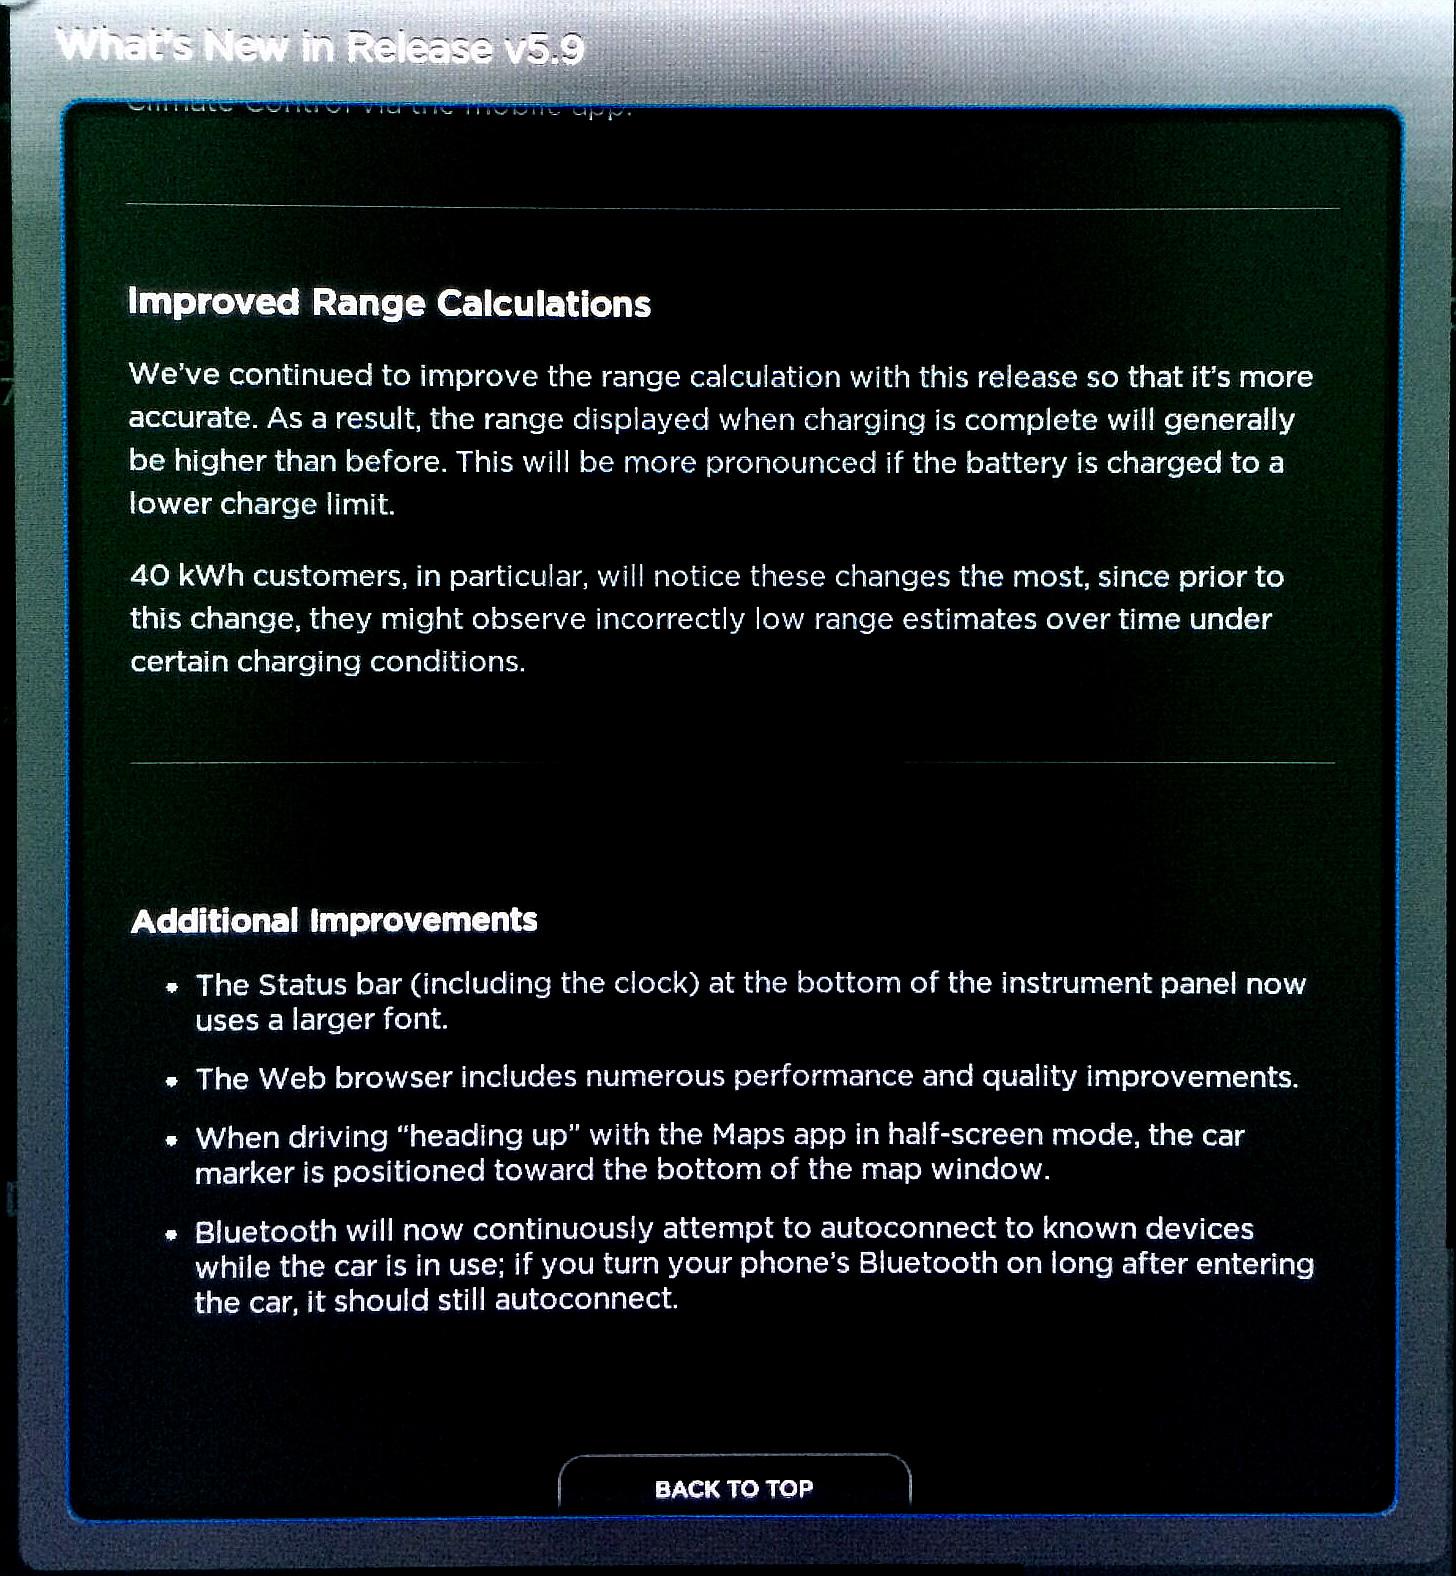 Tesla-Firmware-5-9-Range-Calculations